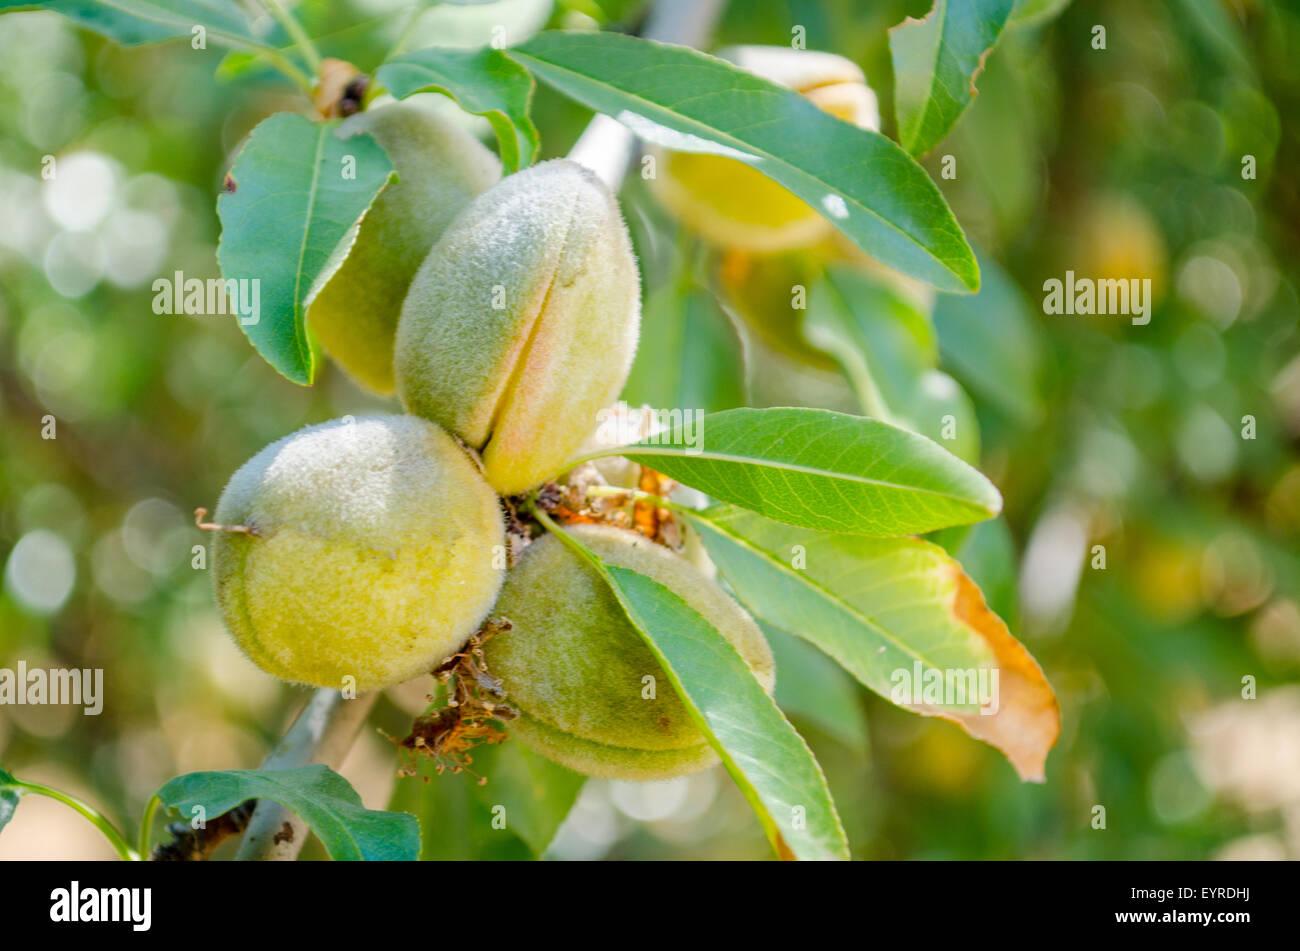 Butte Padre mandorle nello scafo, mandorla orchard in California centrale Immagini Stock